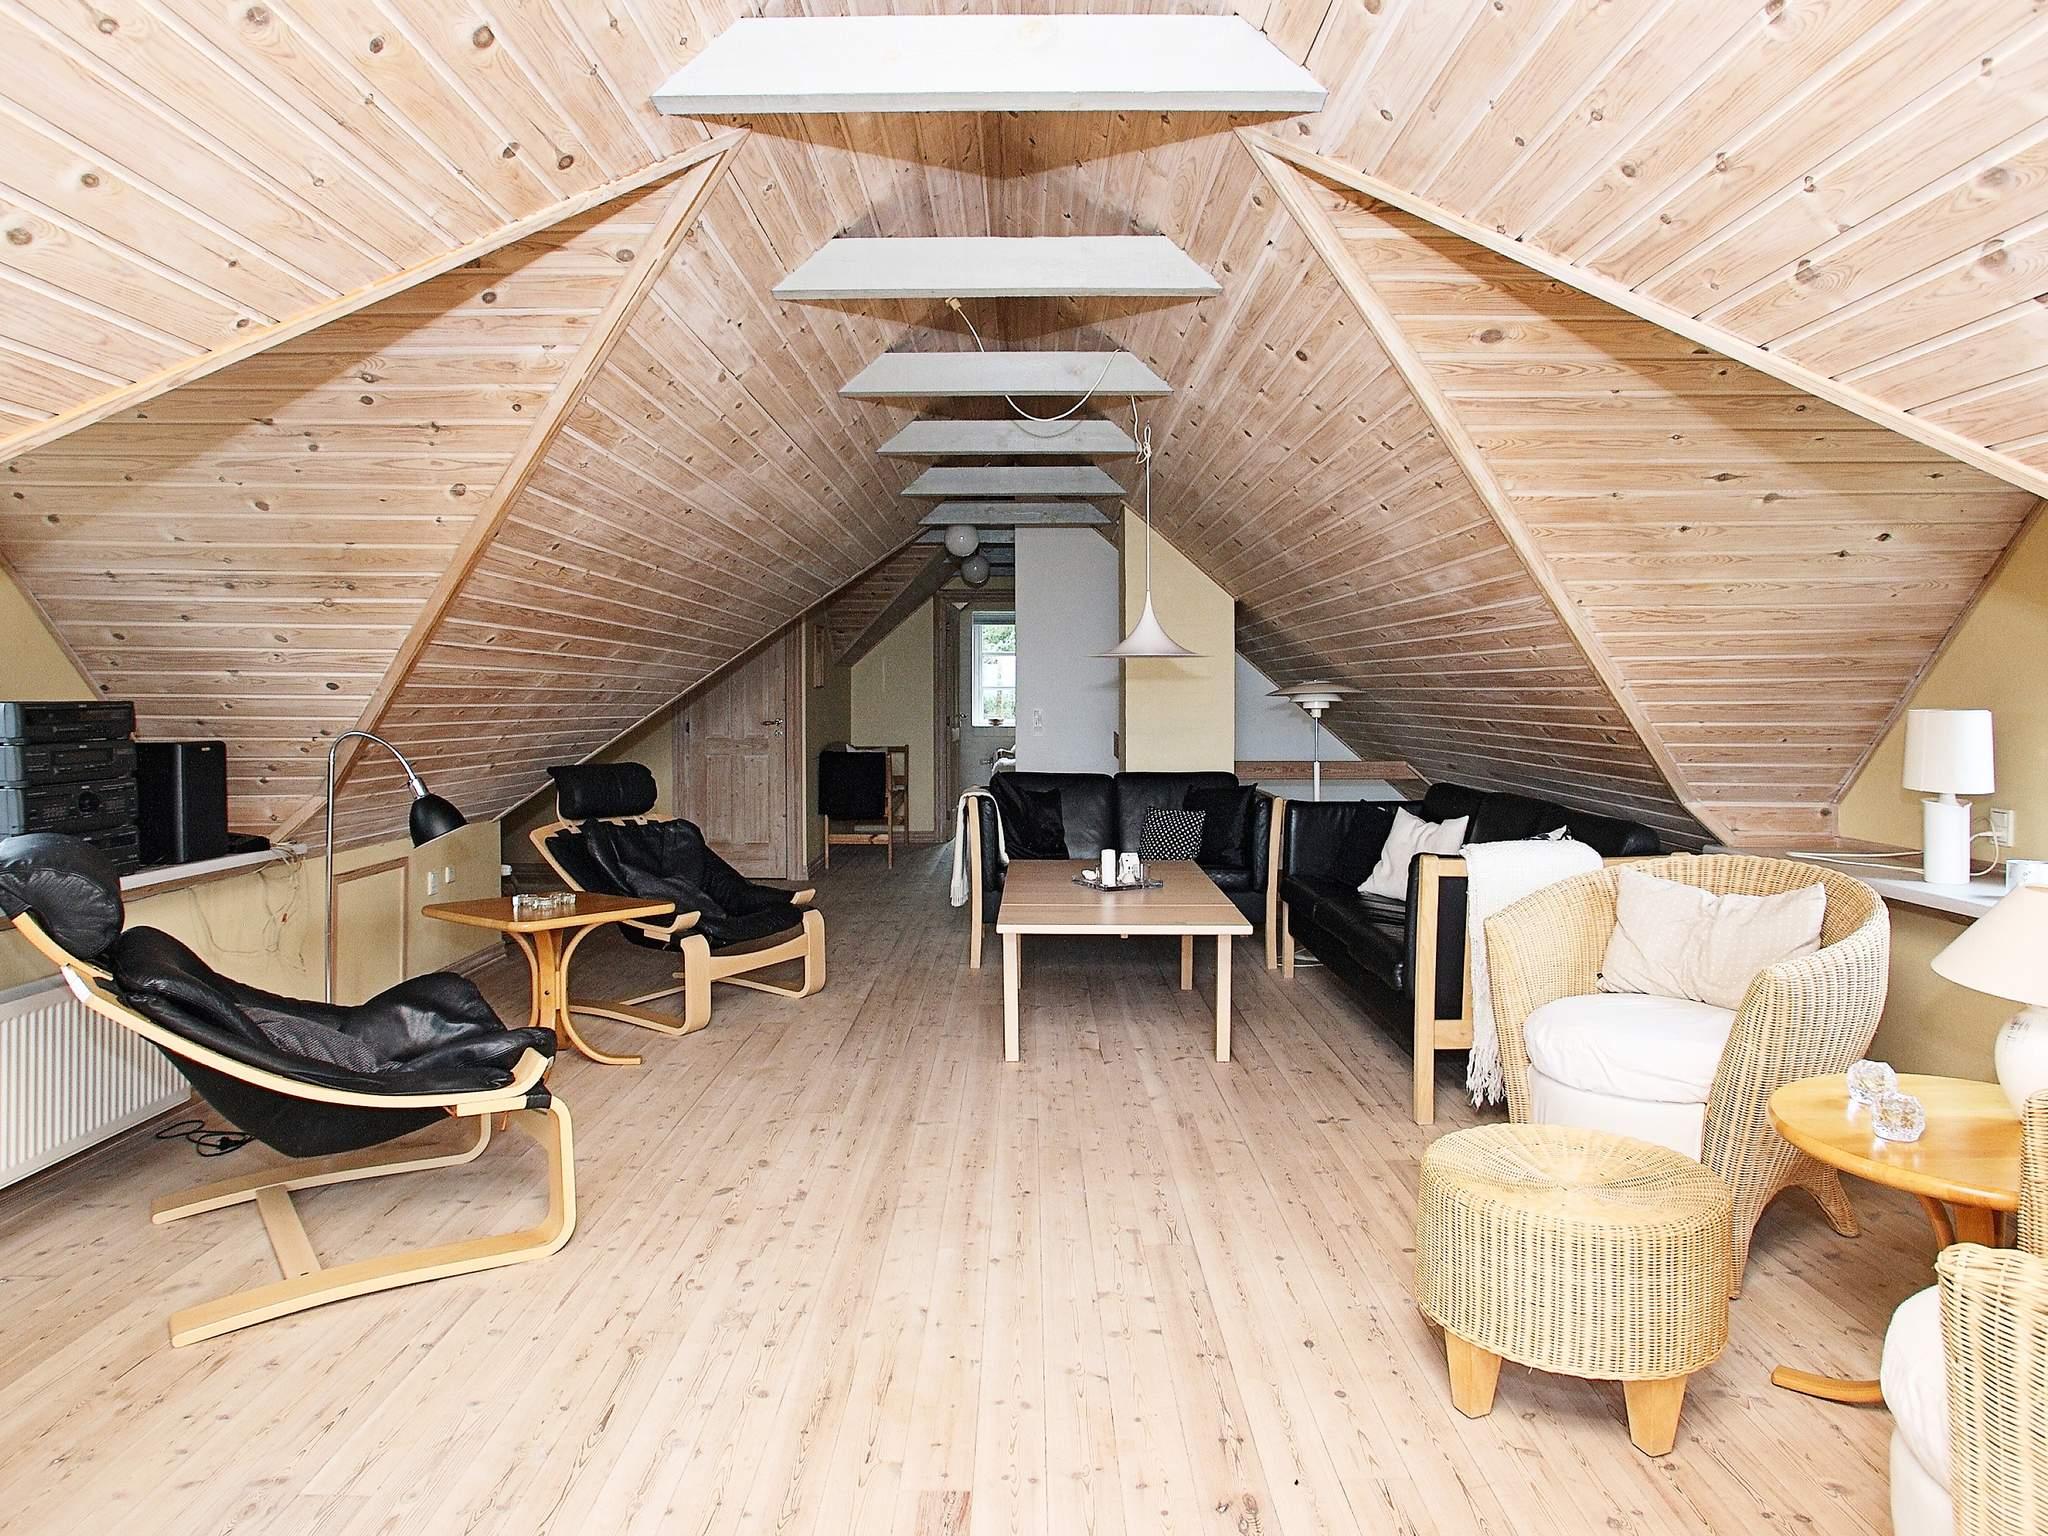 Ferienhaus Fur (83078), Fur, , Limfjord, Dänemark, Bild 3